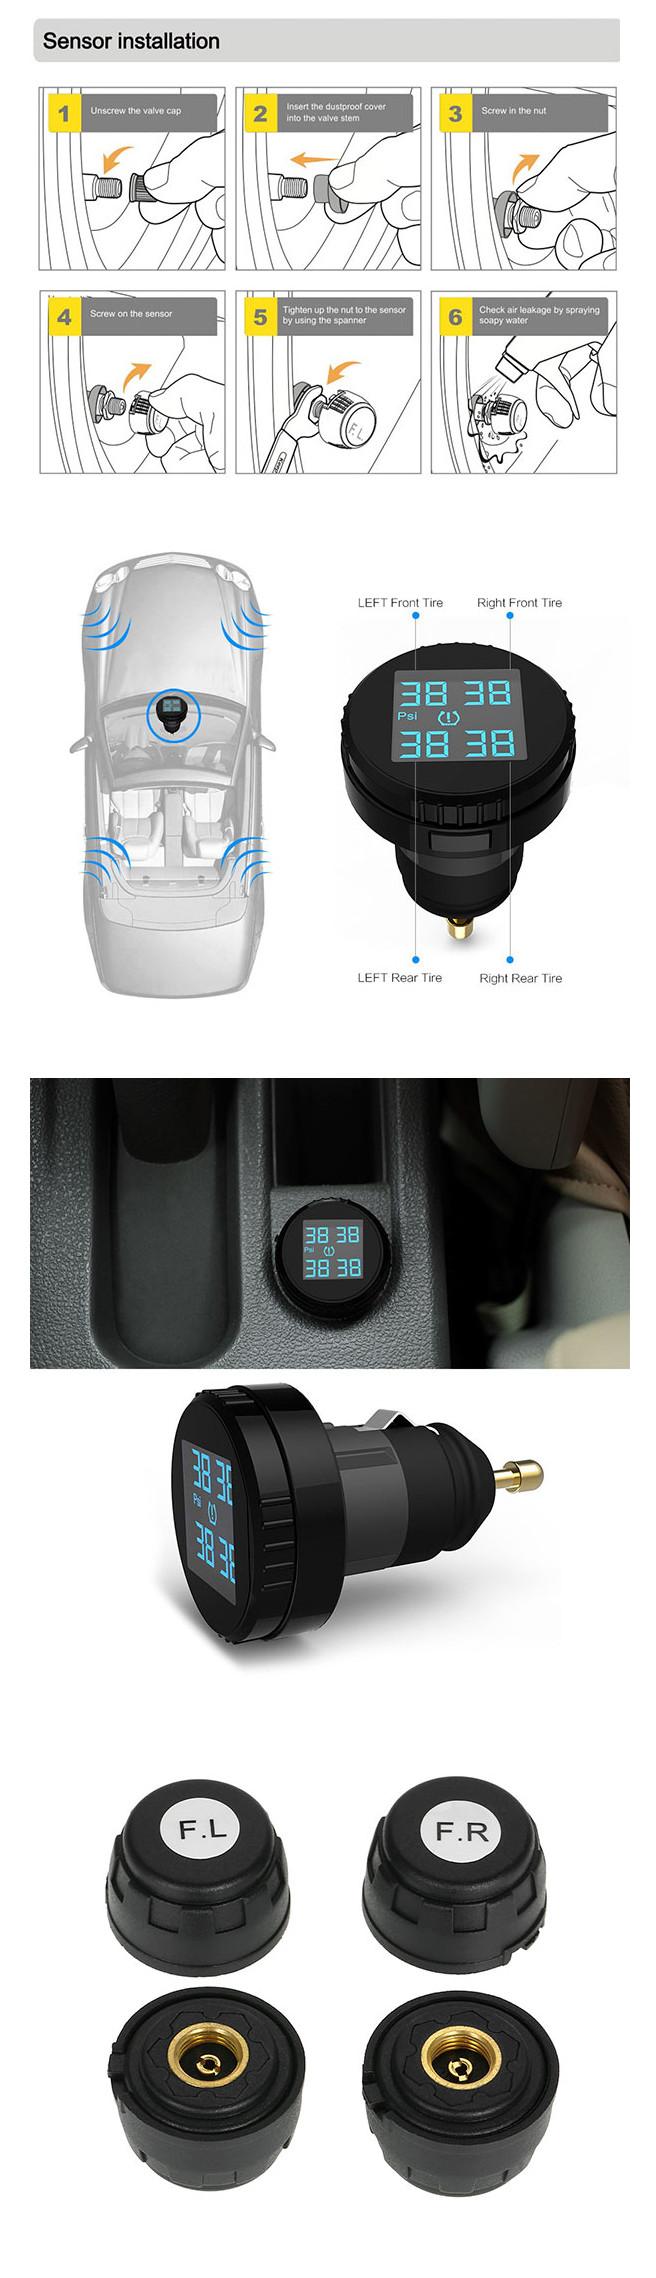 KOLSOL TS61 Sensor Installation Instruction: